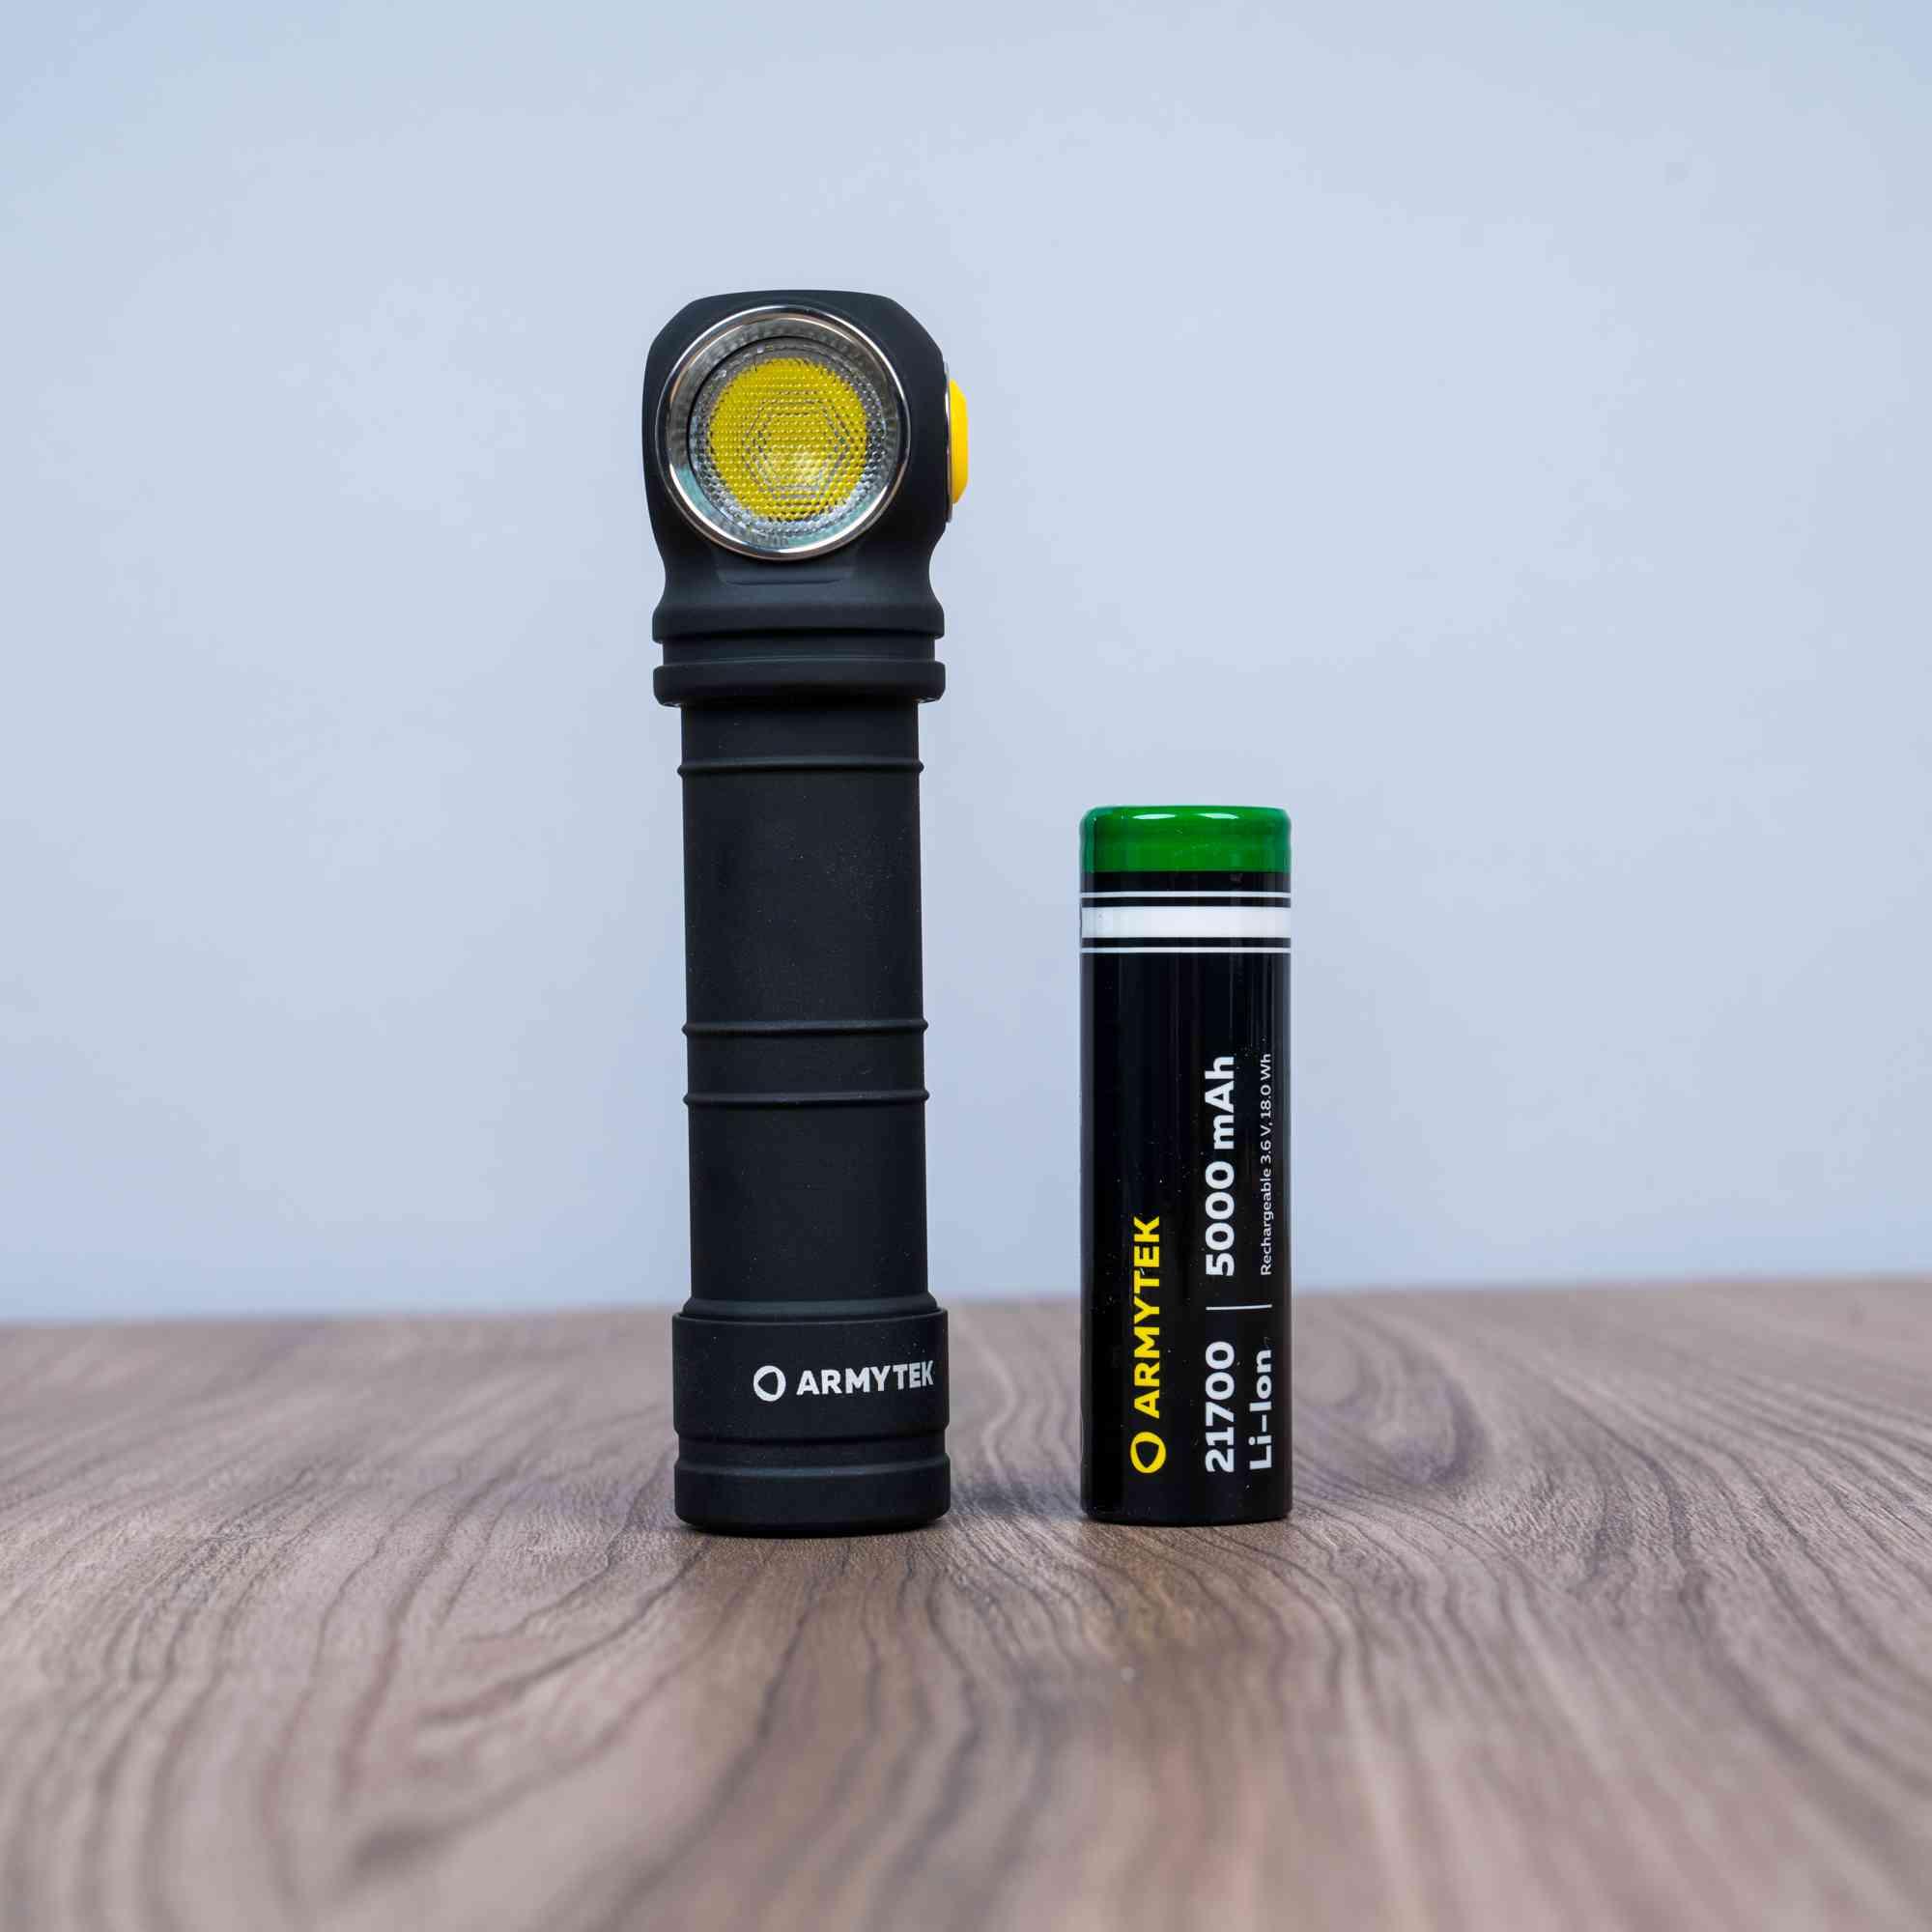 Armytek là hãng đèn theo đuổi triết lý thiết kế tối giản